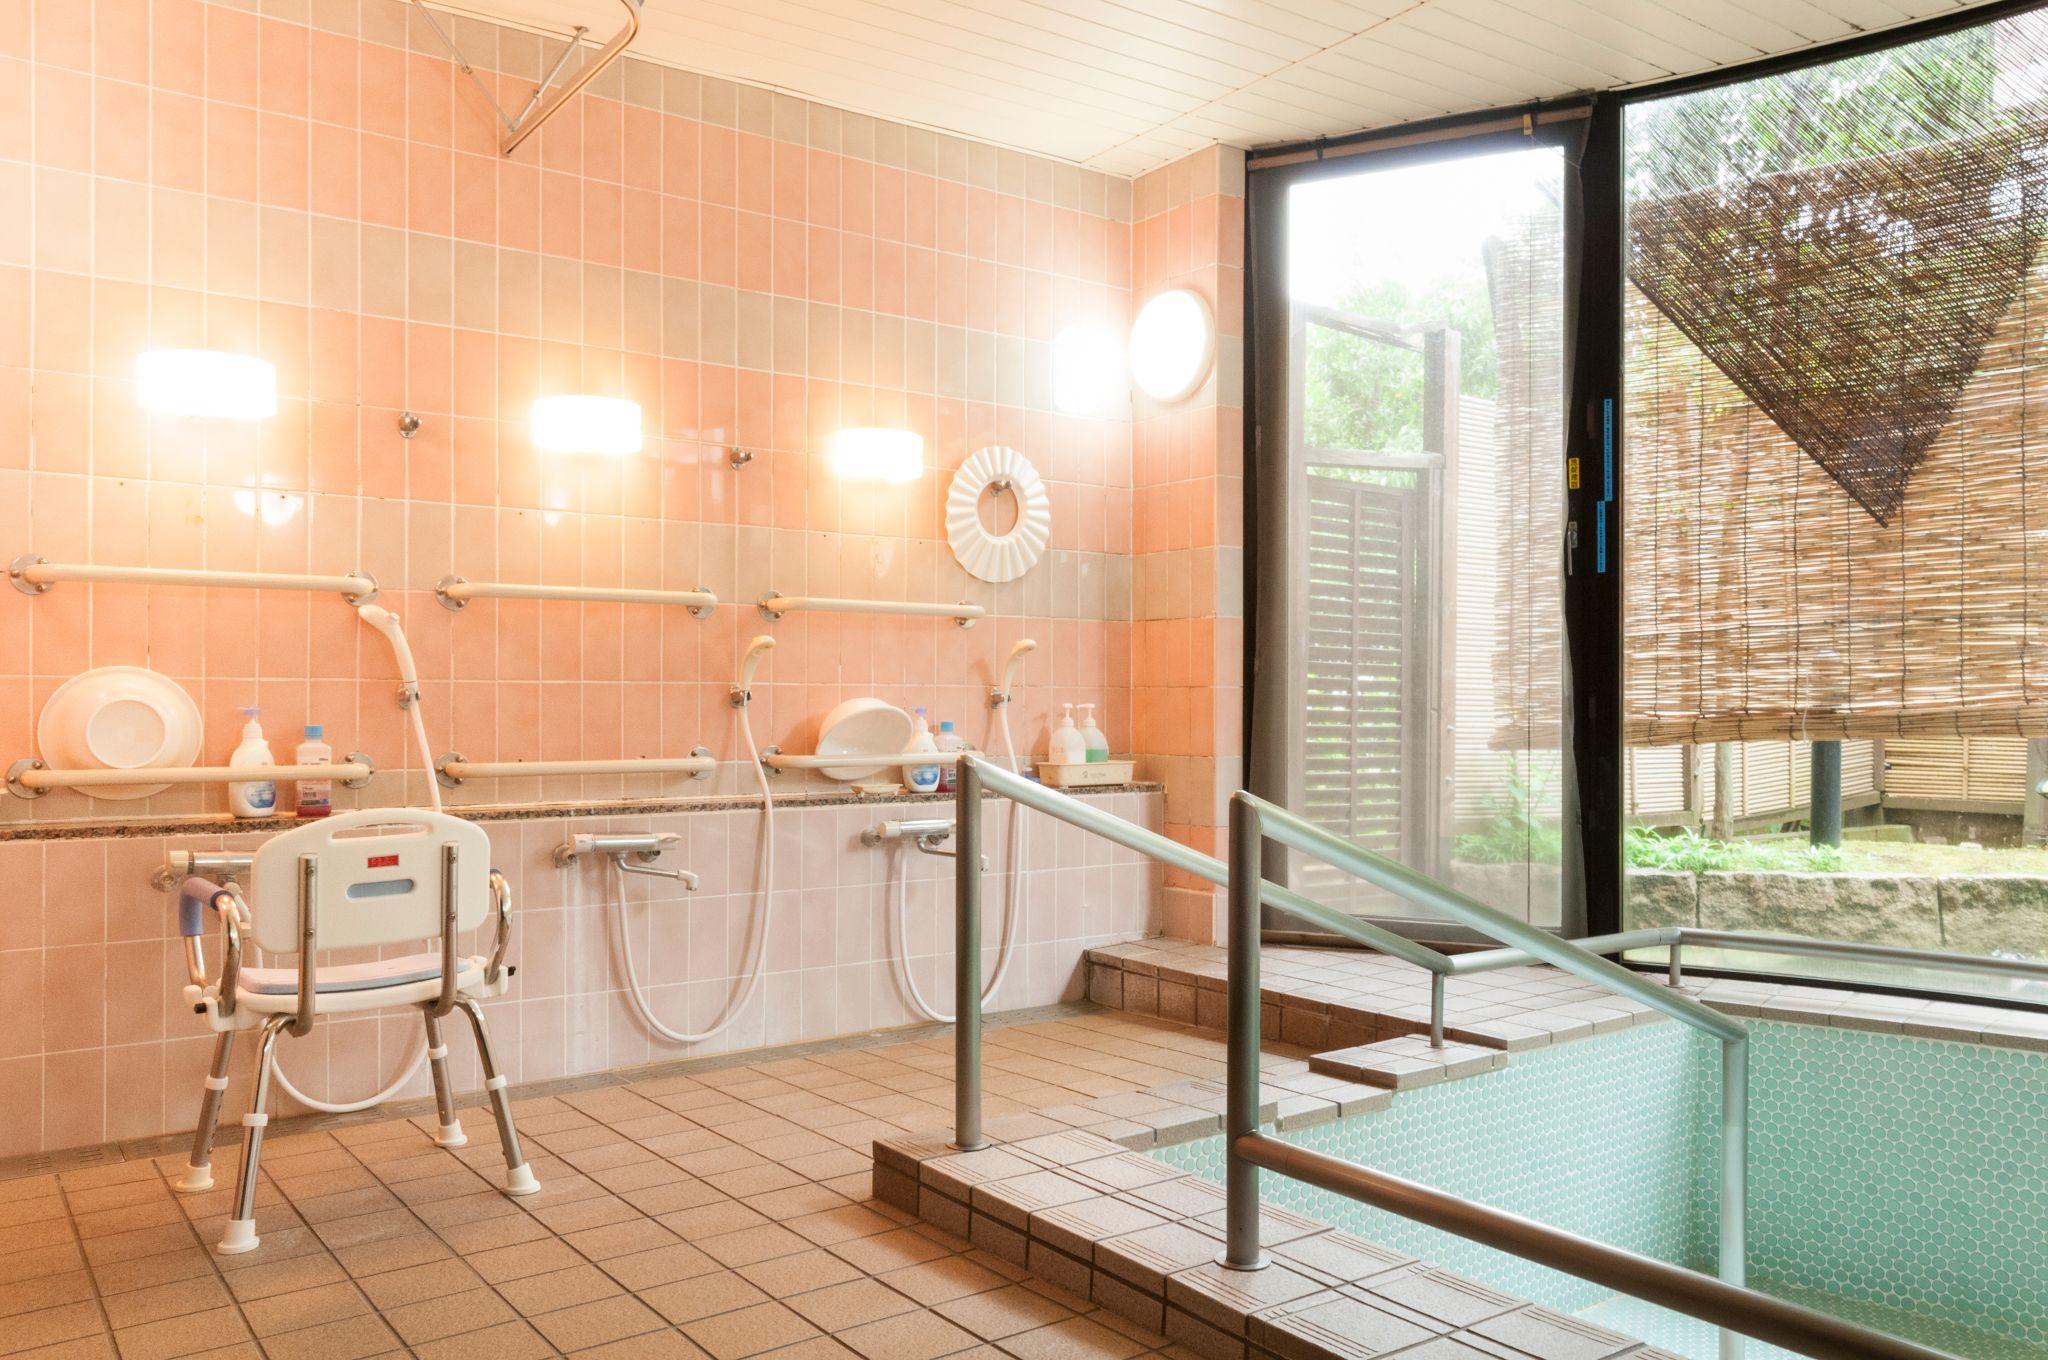 広い窓が解放的な共同浴室